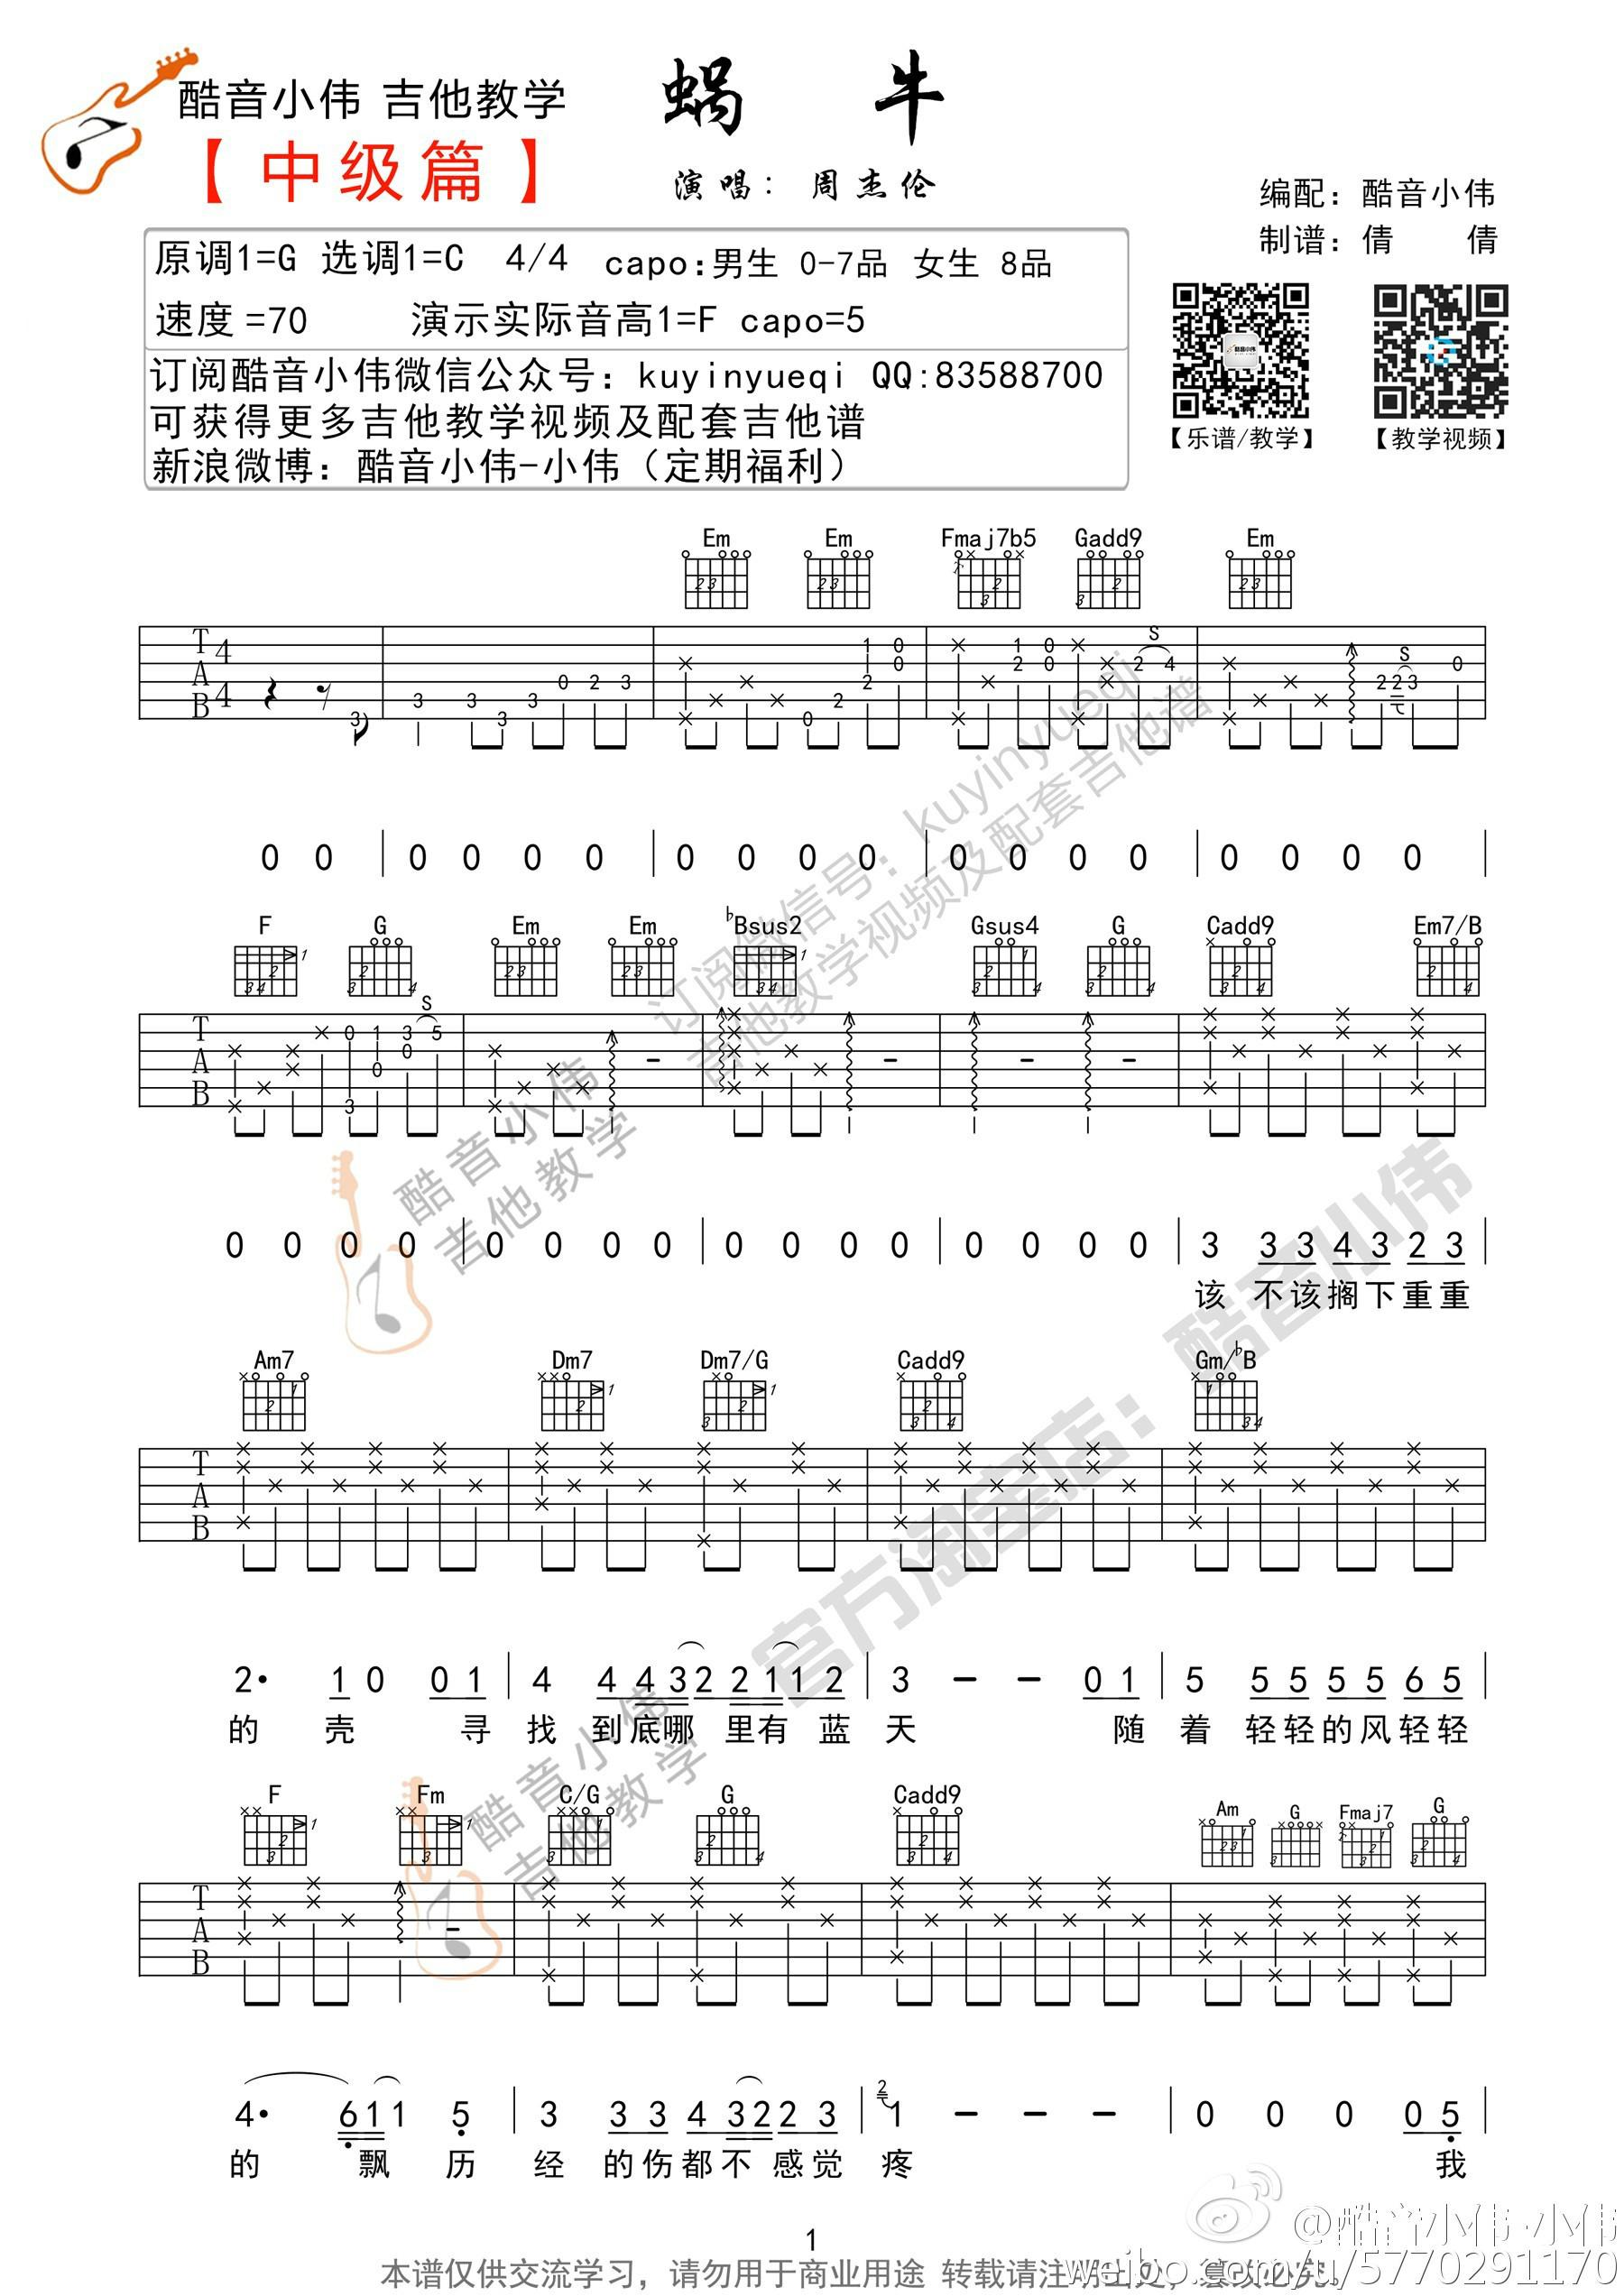 《周杰伦《蜗牛》吉他谱_《蜗牛》吉他弹唱教学》吉他图片